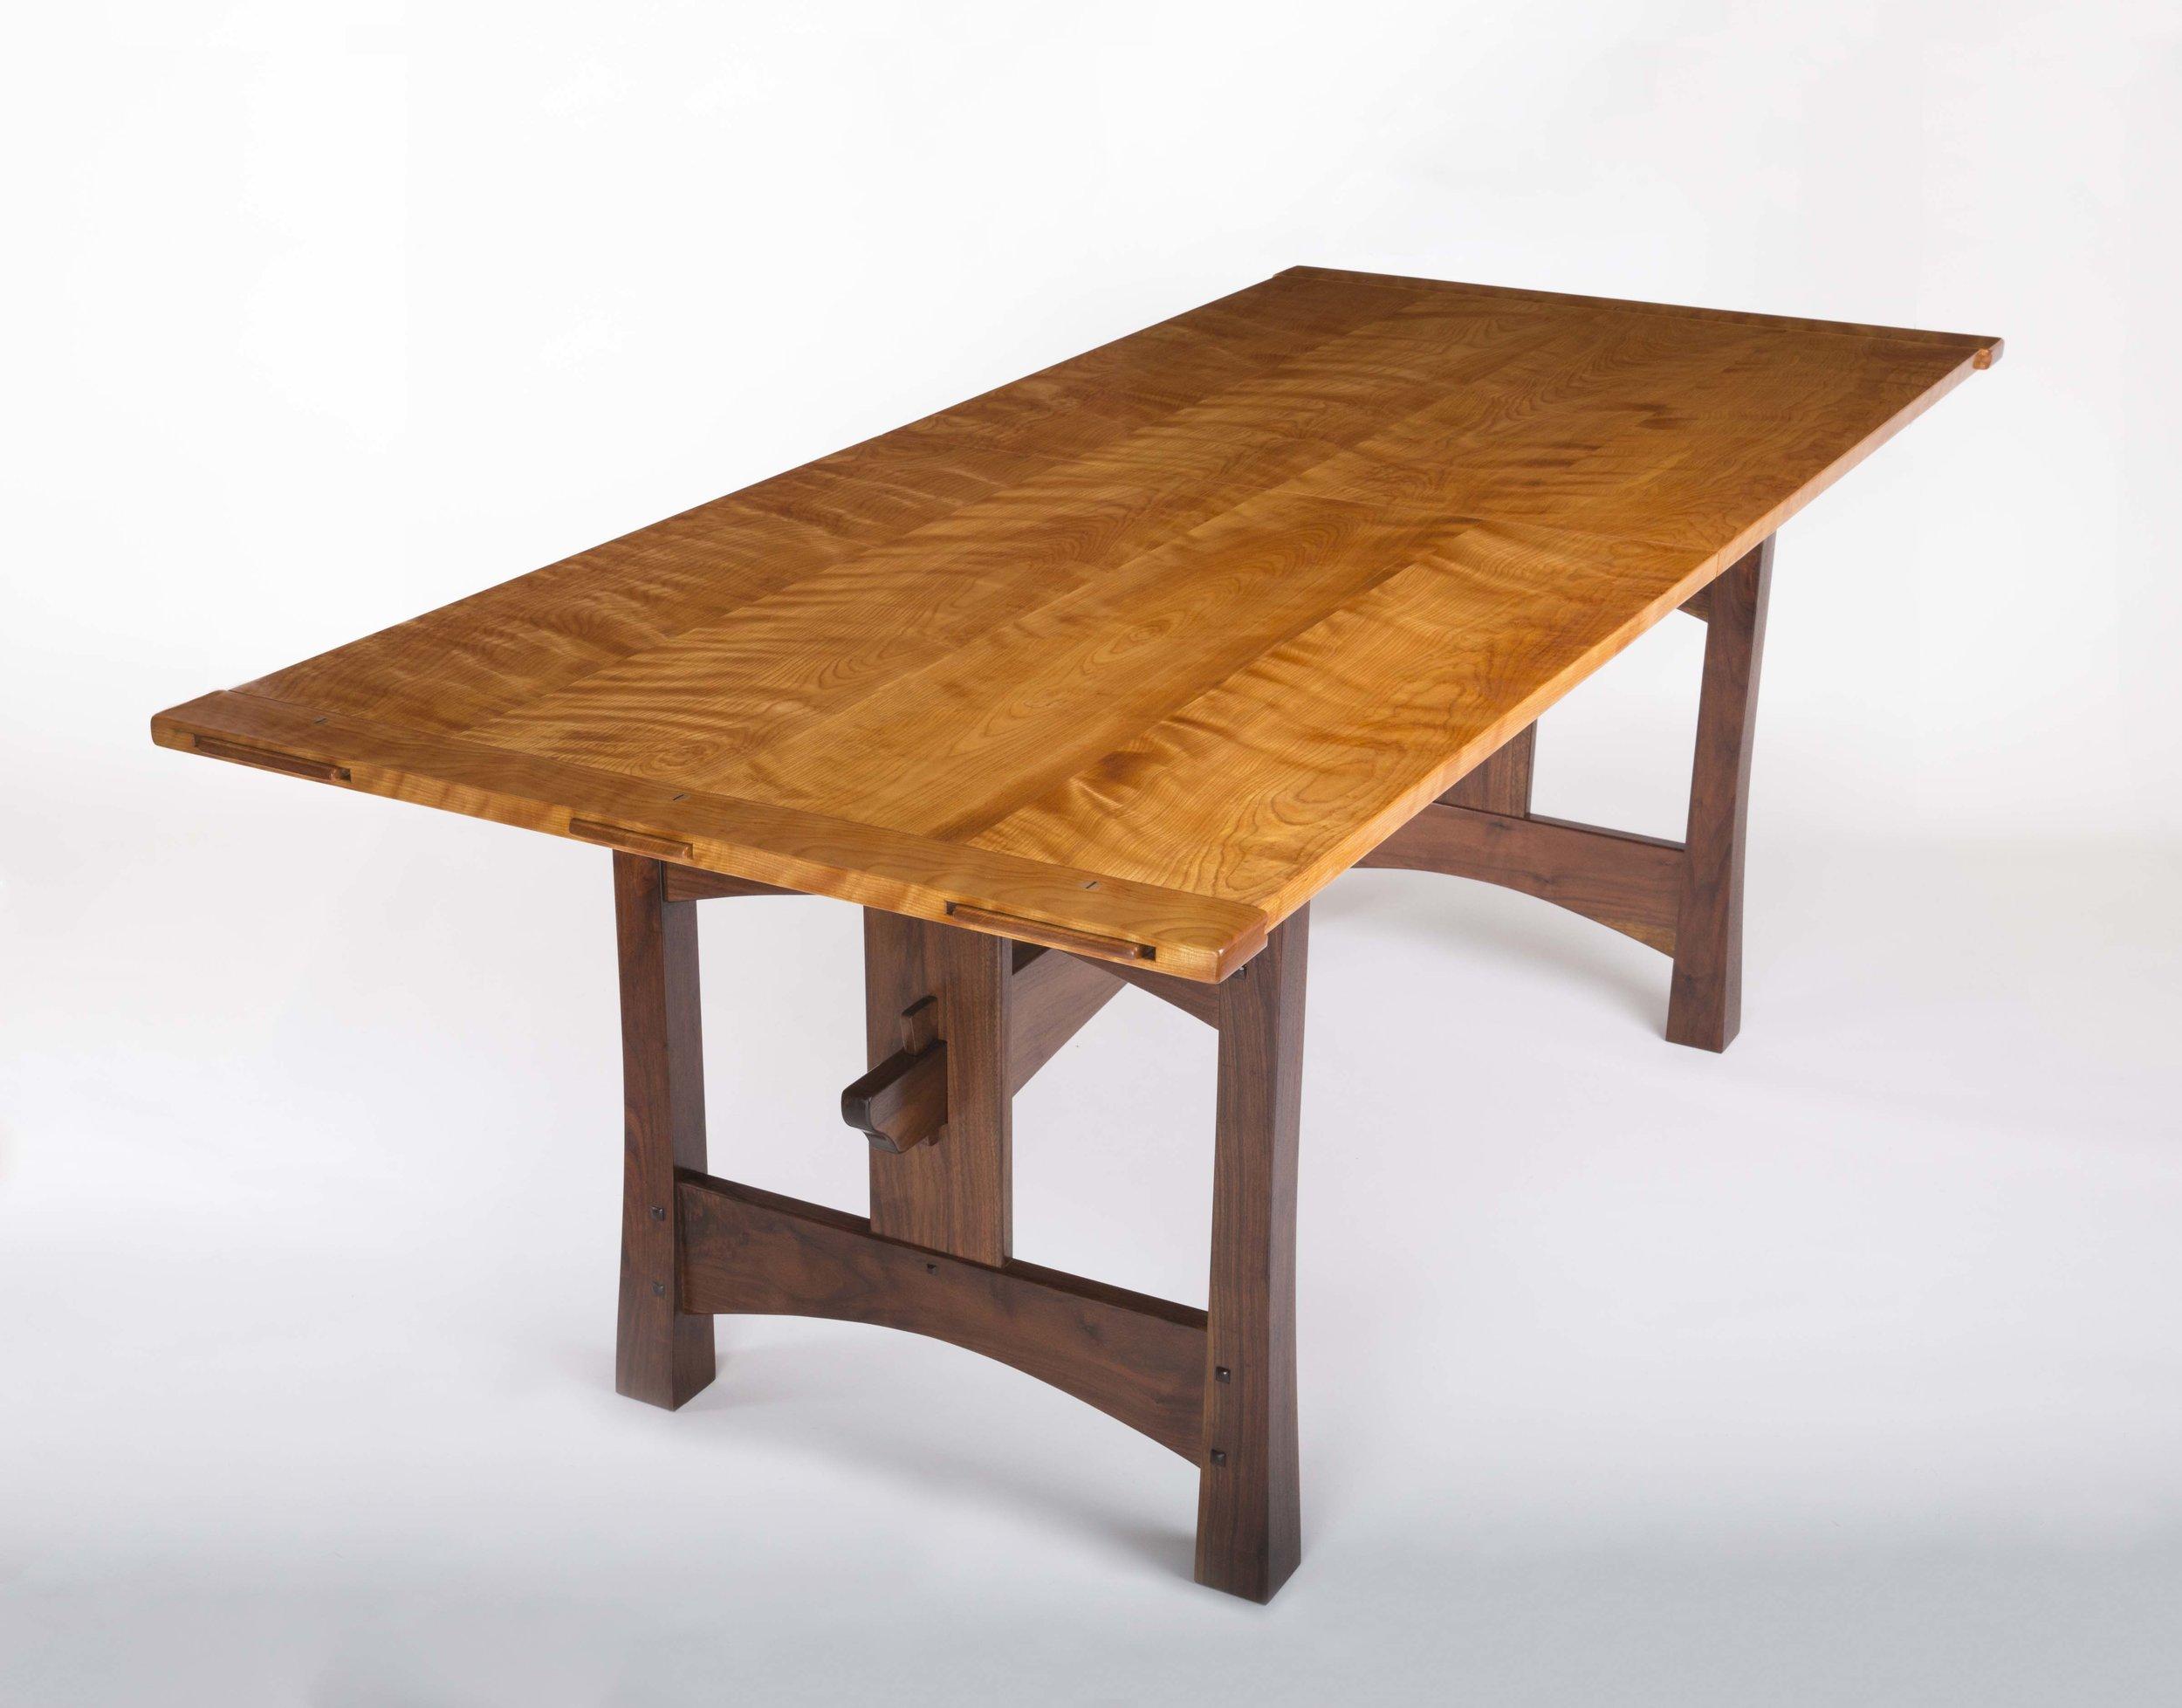 Table 1sml.jpg